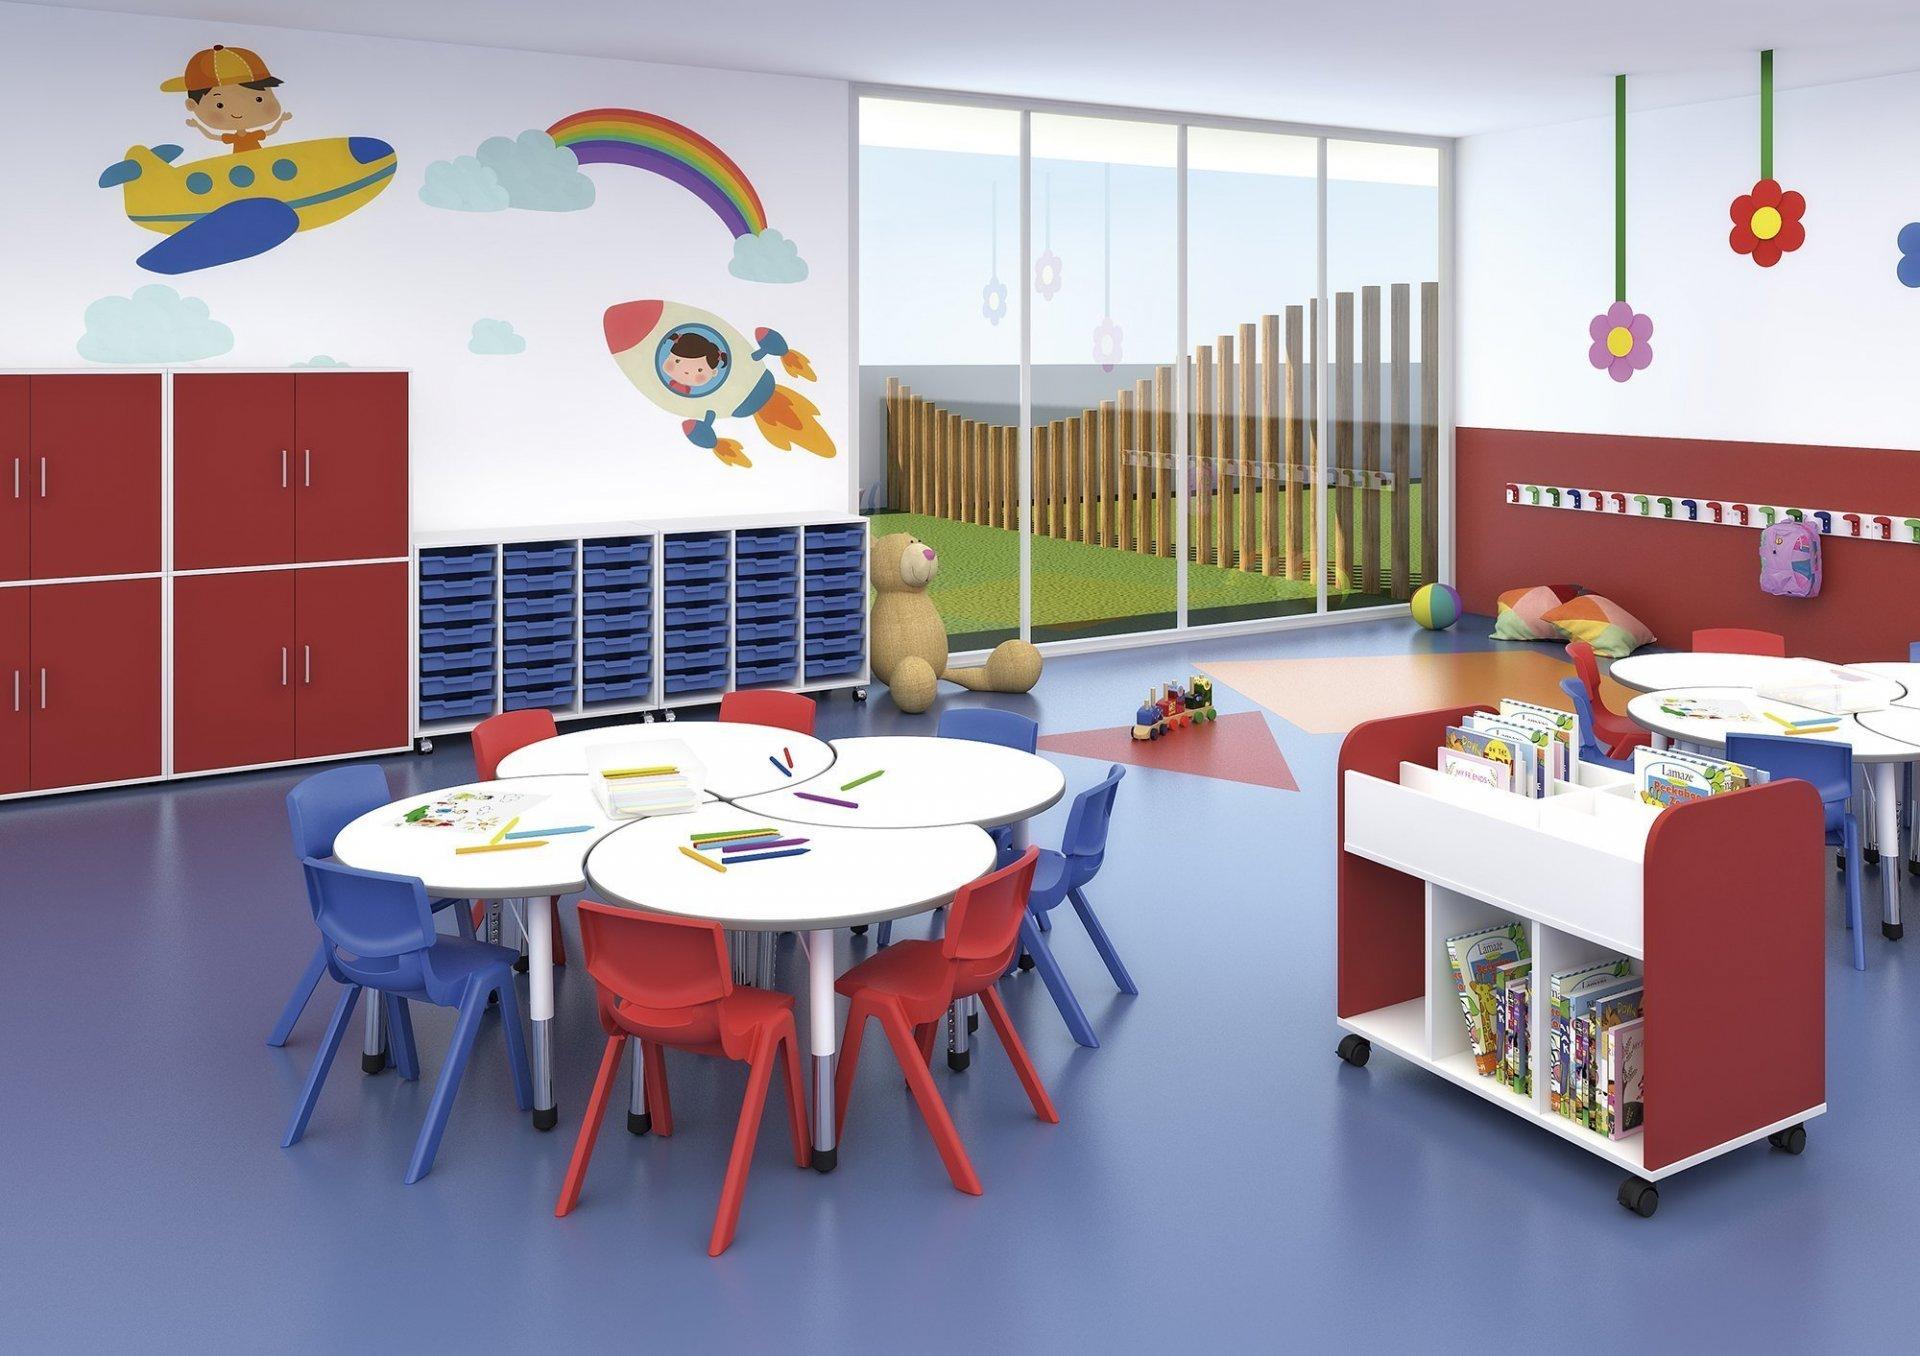 mirplay-mobiliario-escolar19.jpg